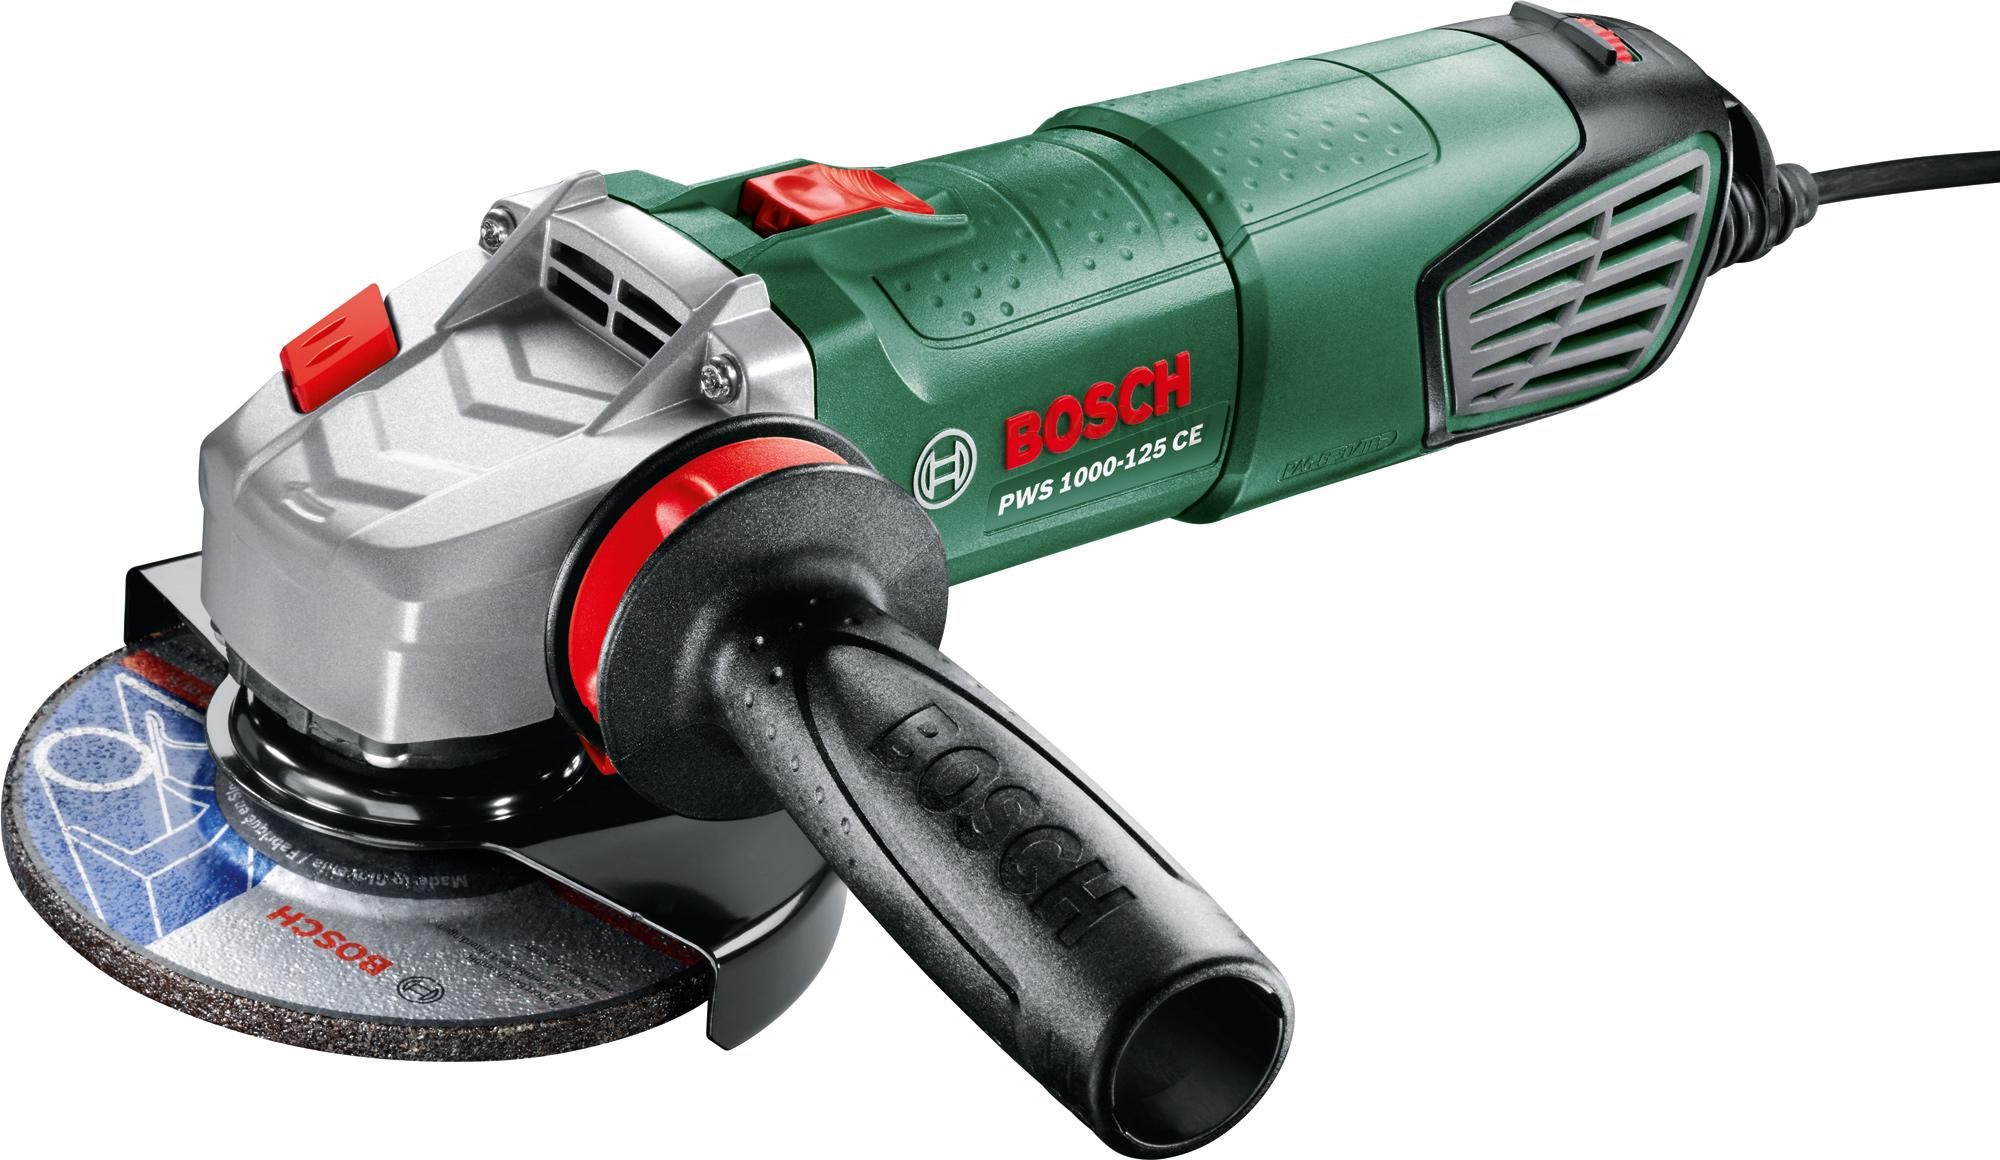 Купить Угловая шлифовальная машина Bosch, PWS 1000-125 CE (0.603.3A2.820), Венгрия